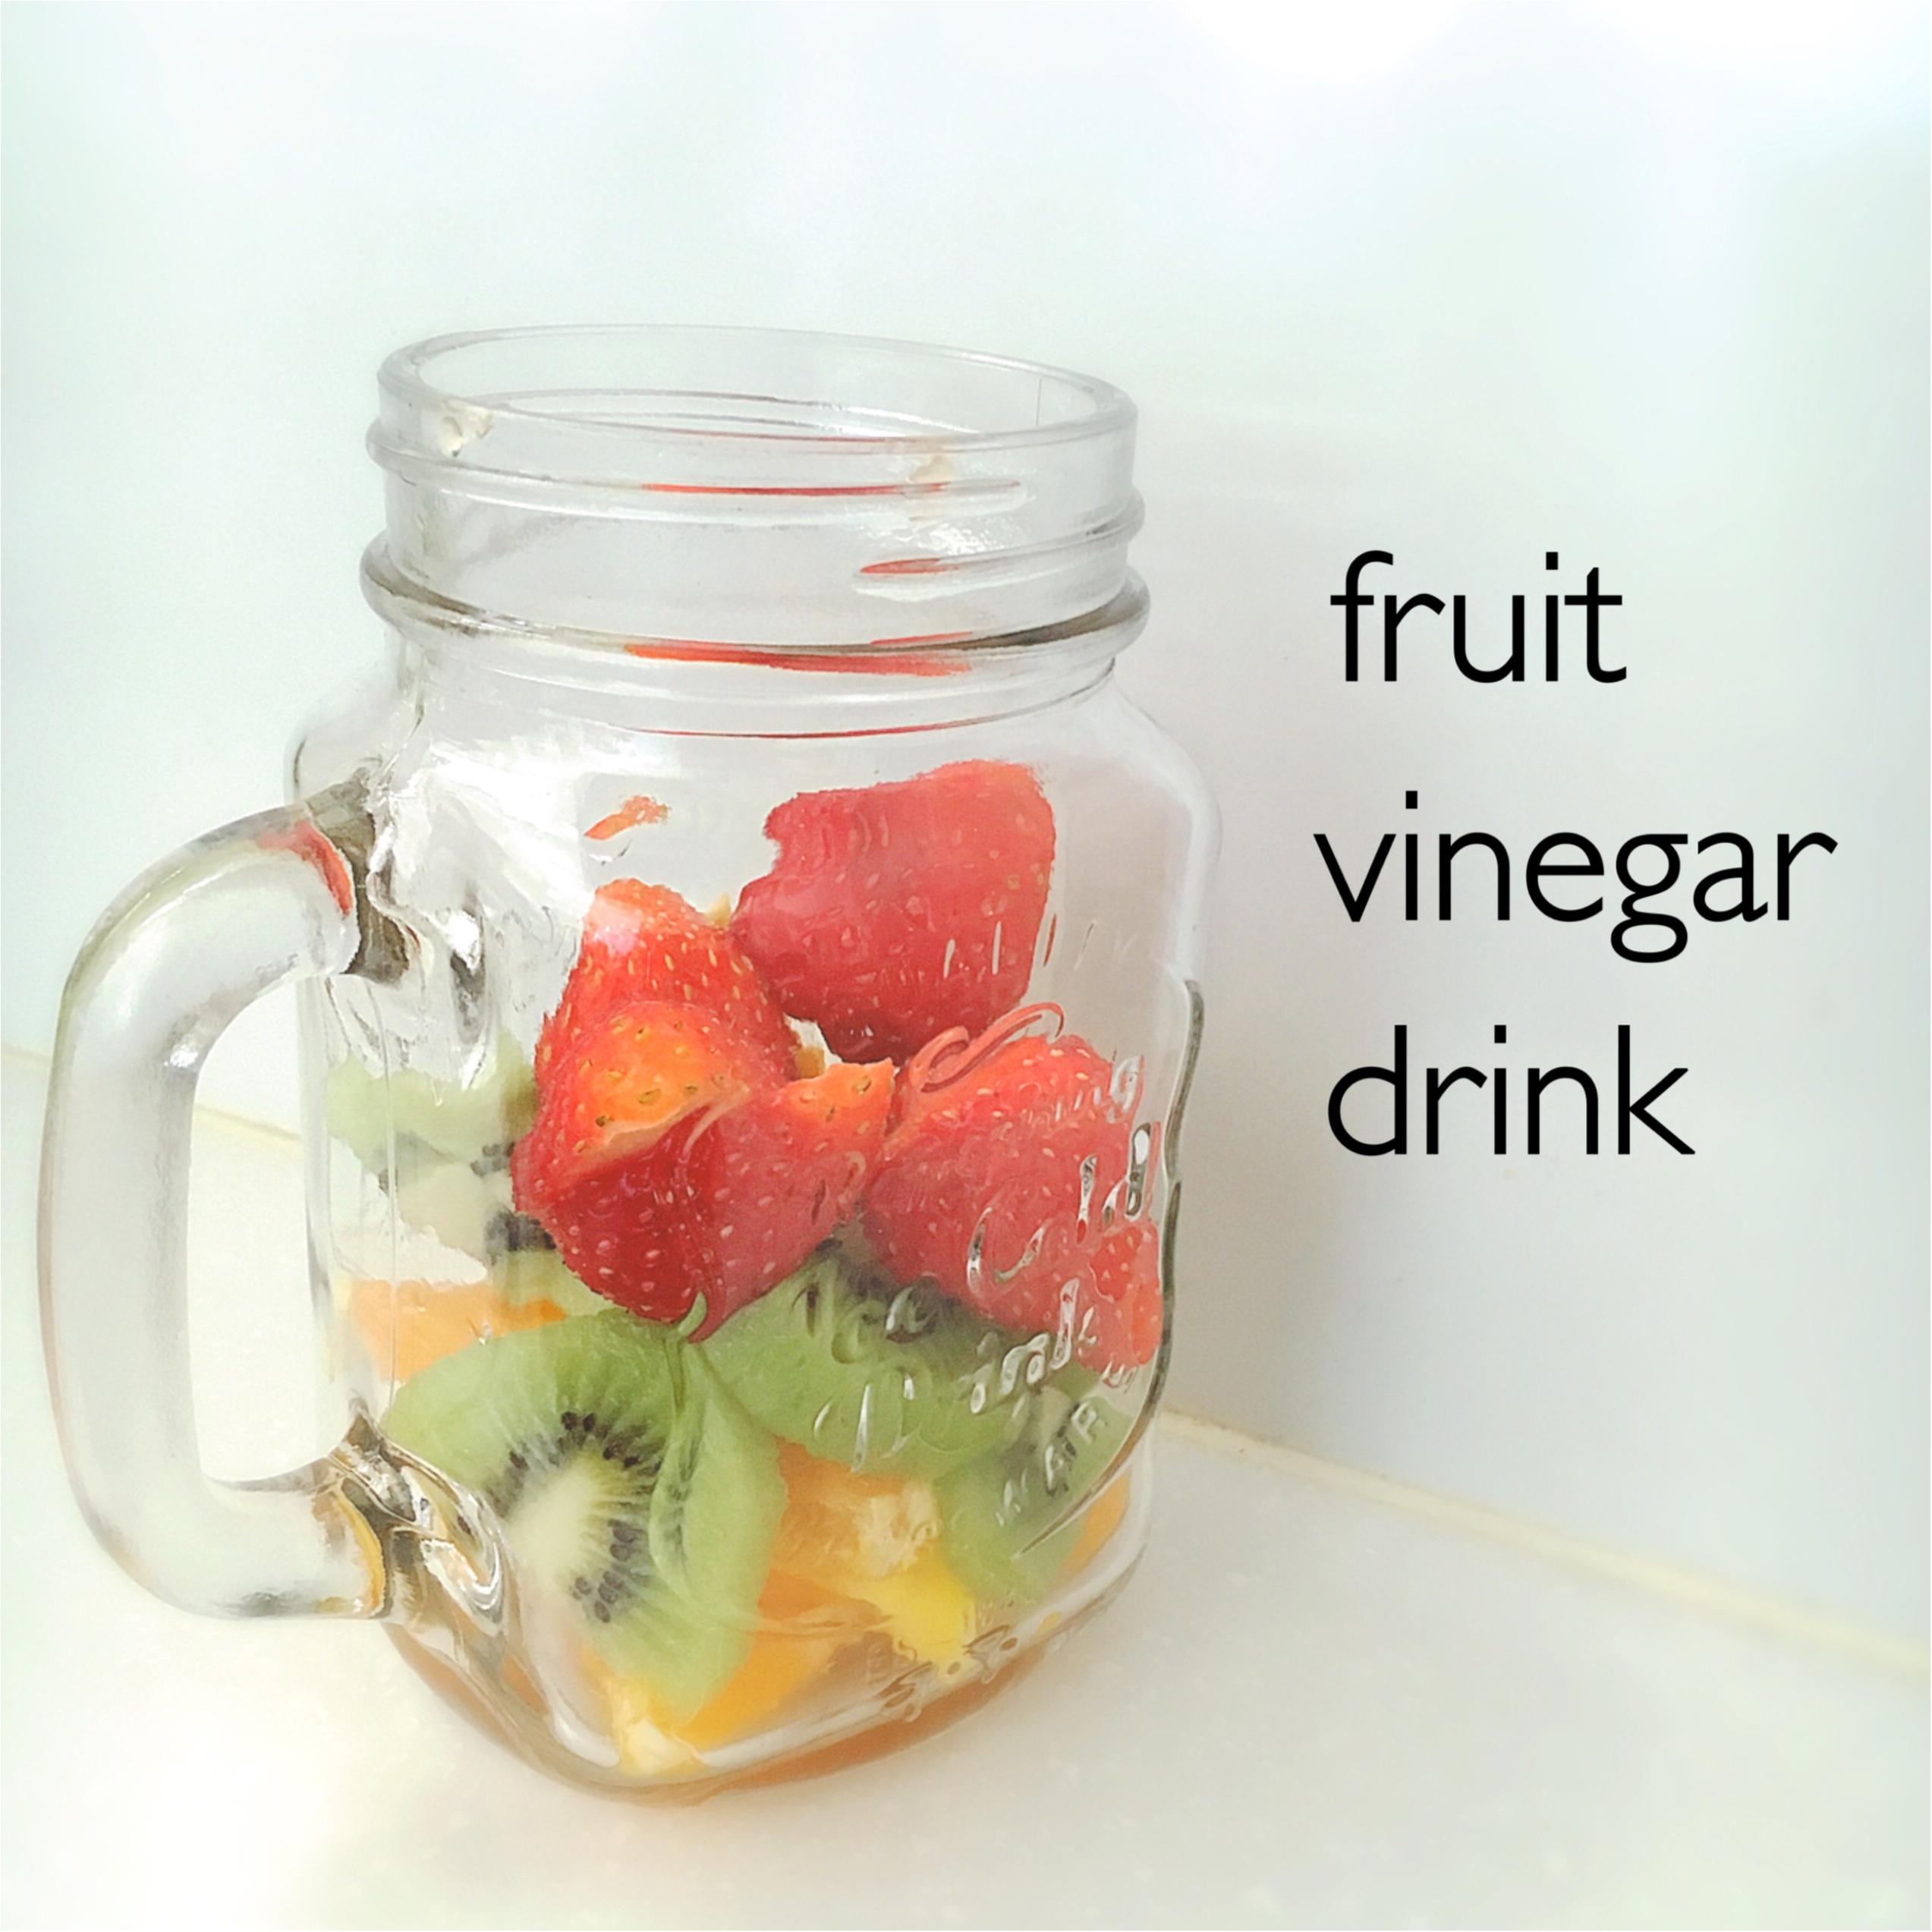 【Q♡cafe】毎日飲みたい!手作り《フルーツビネガー》なら美味しくキレイになれるかも❤️✨_1